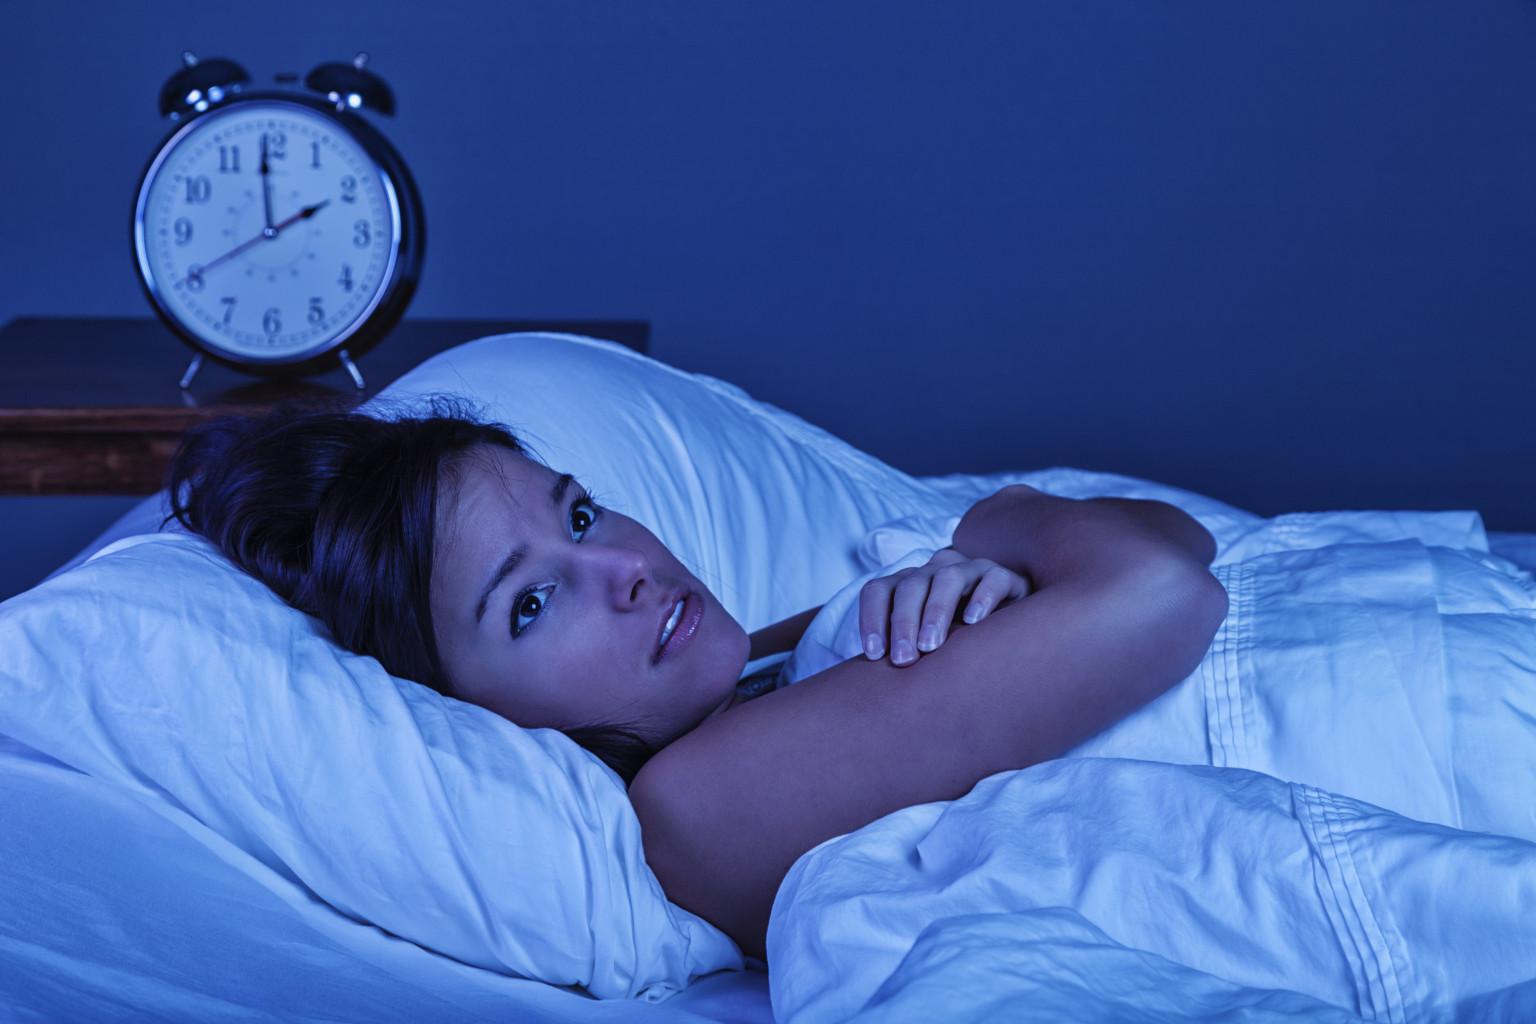 Cosa sai sull'insonnia e i problemi legati al sonno? [QUIZ]